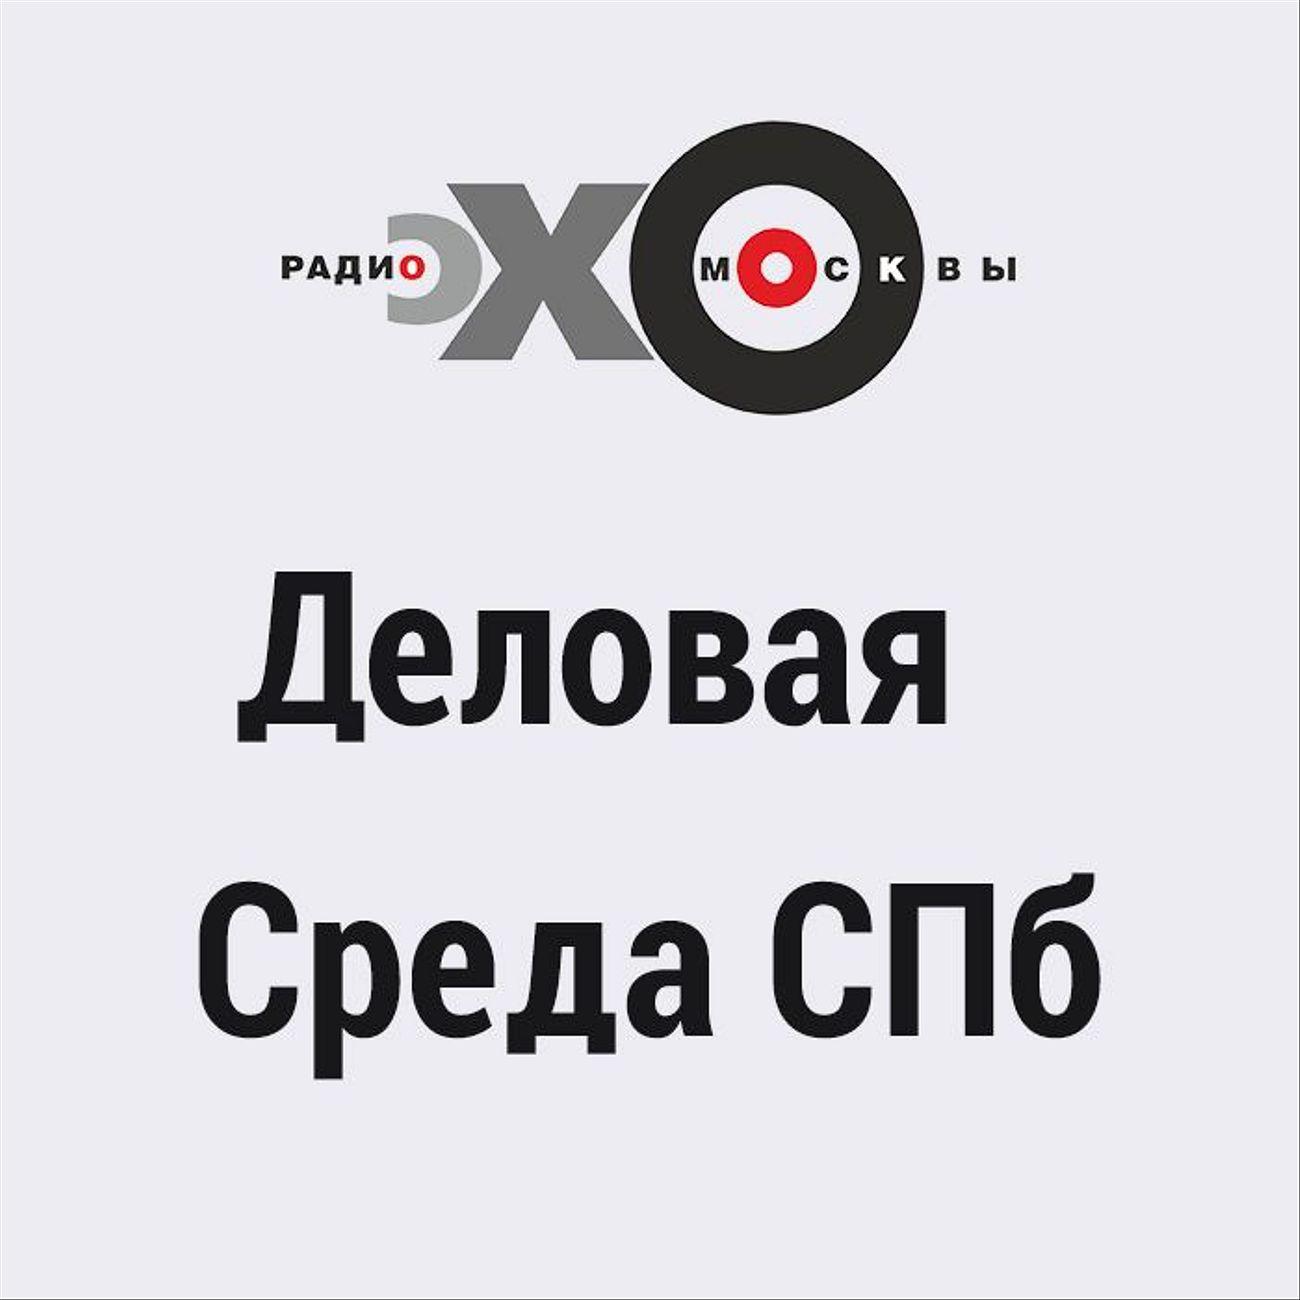 Деловая Среда СПб